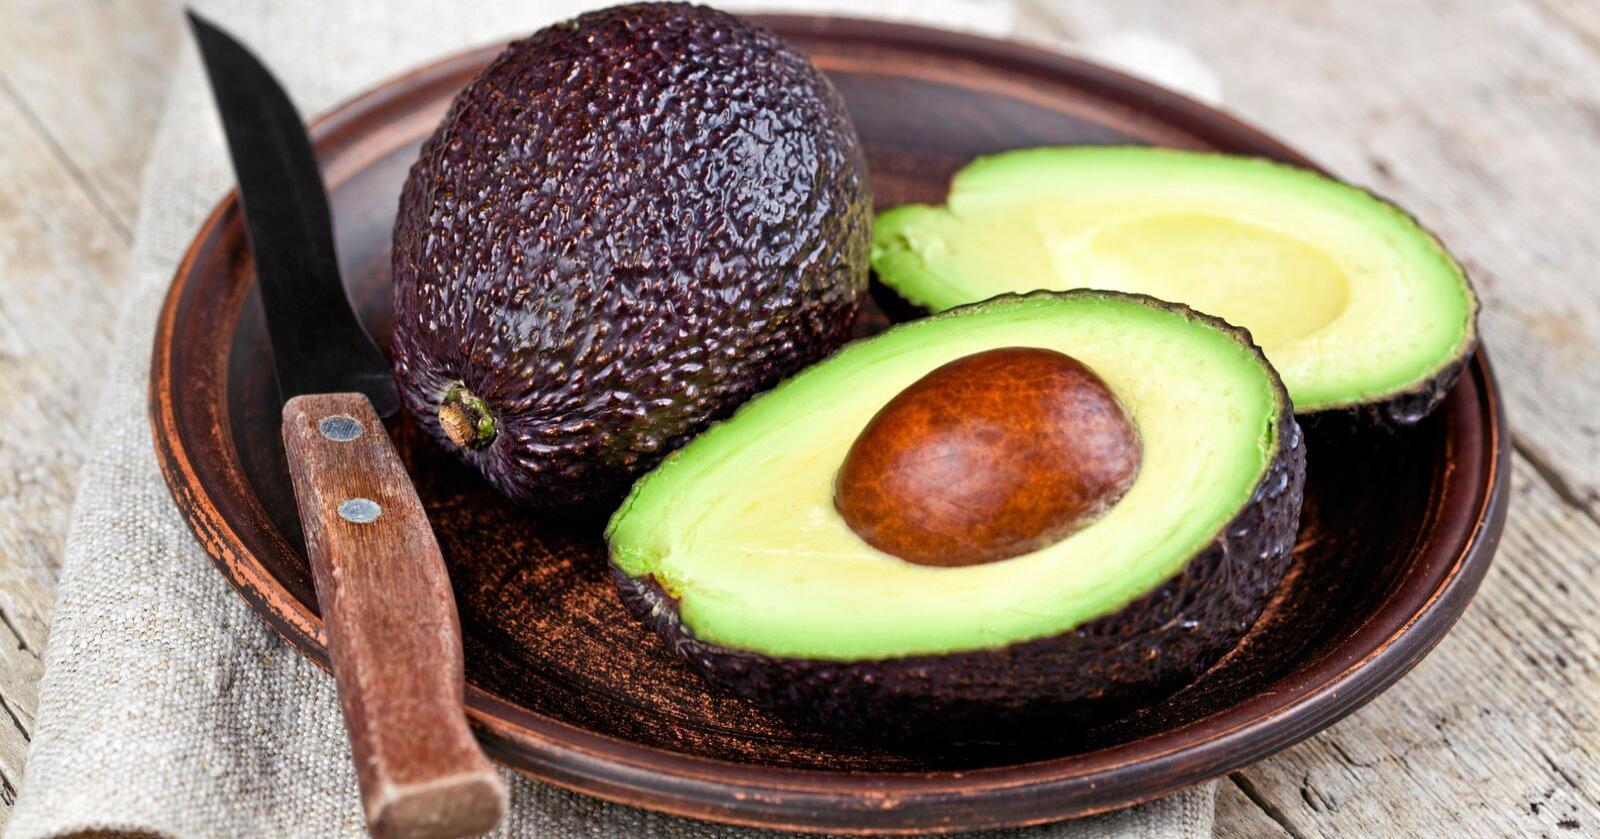 Importen av avokado har auka kraftig dei siste åra. Foto: Maria Kovalets / Mostphotos